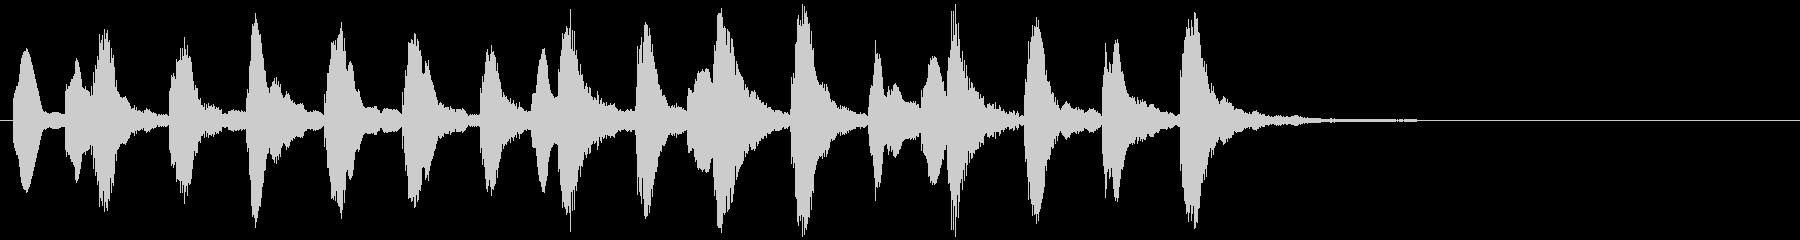 のほほんジングル035_おしまい+3の未再生の波形